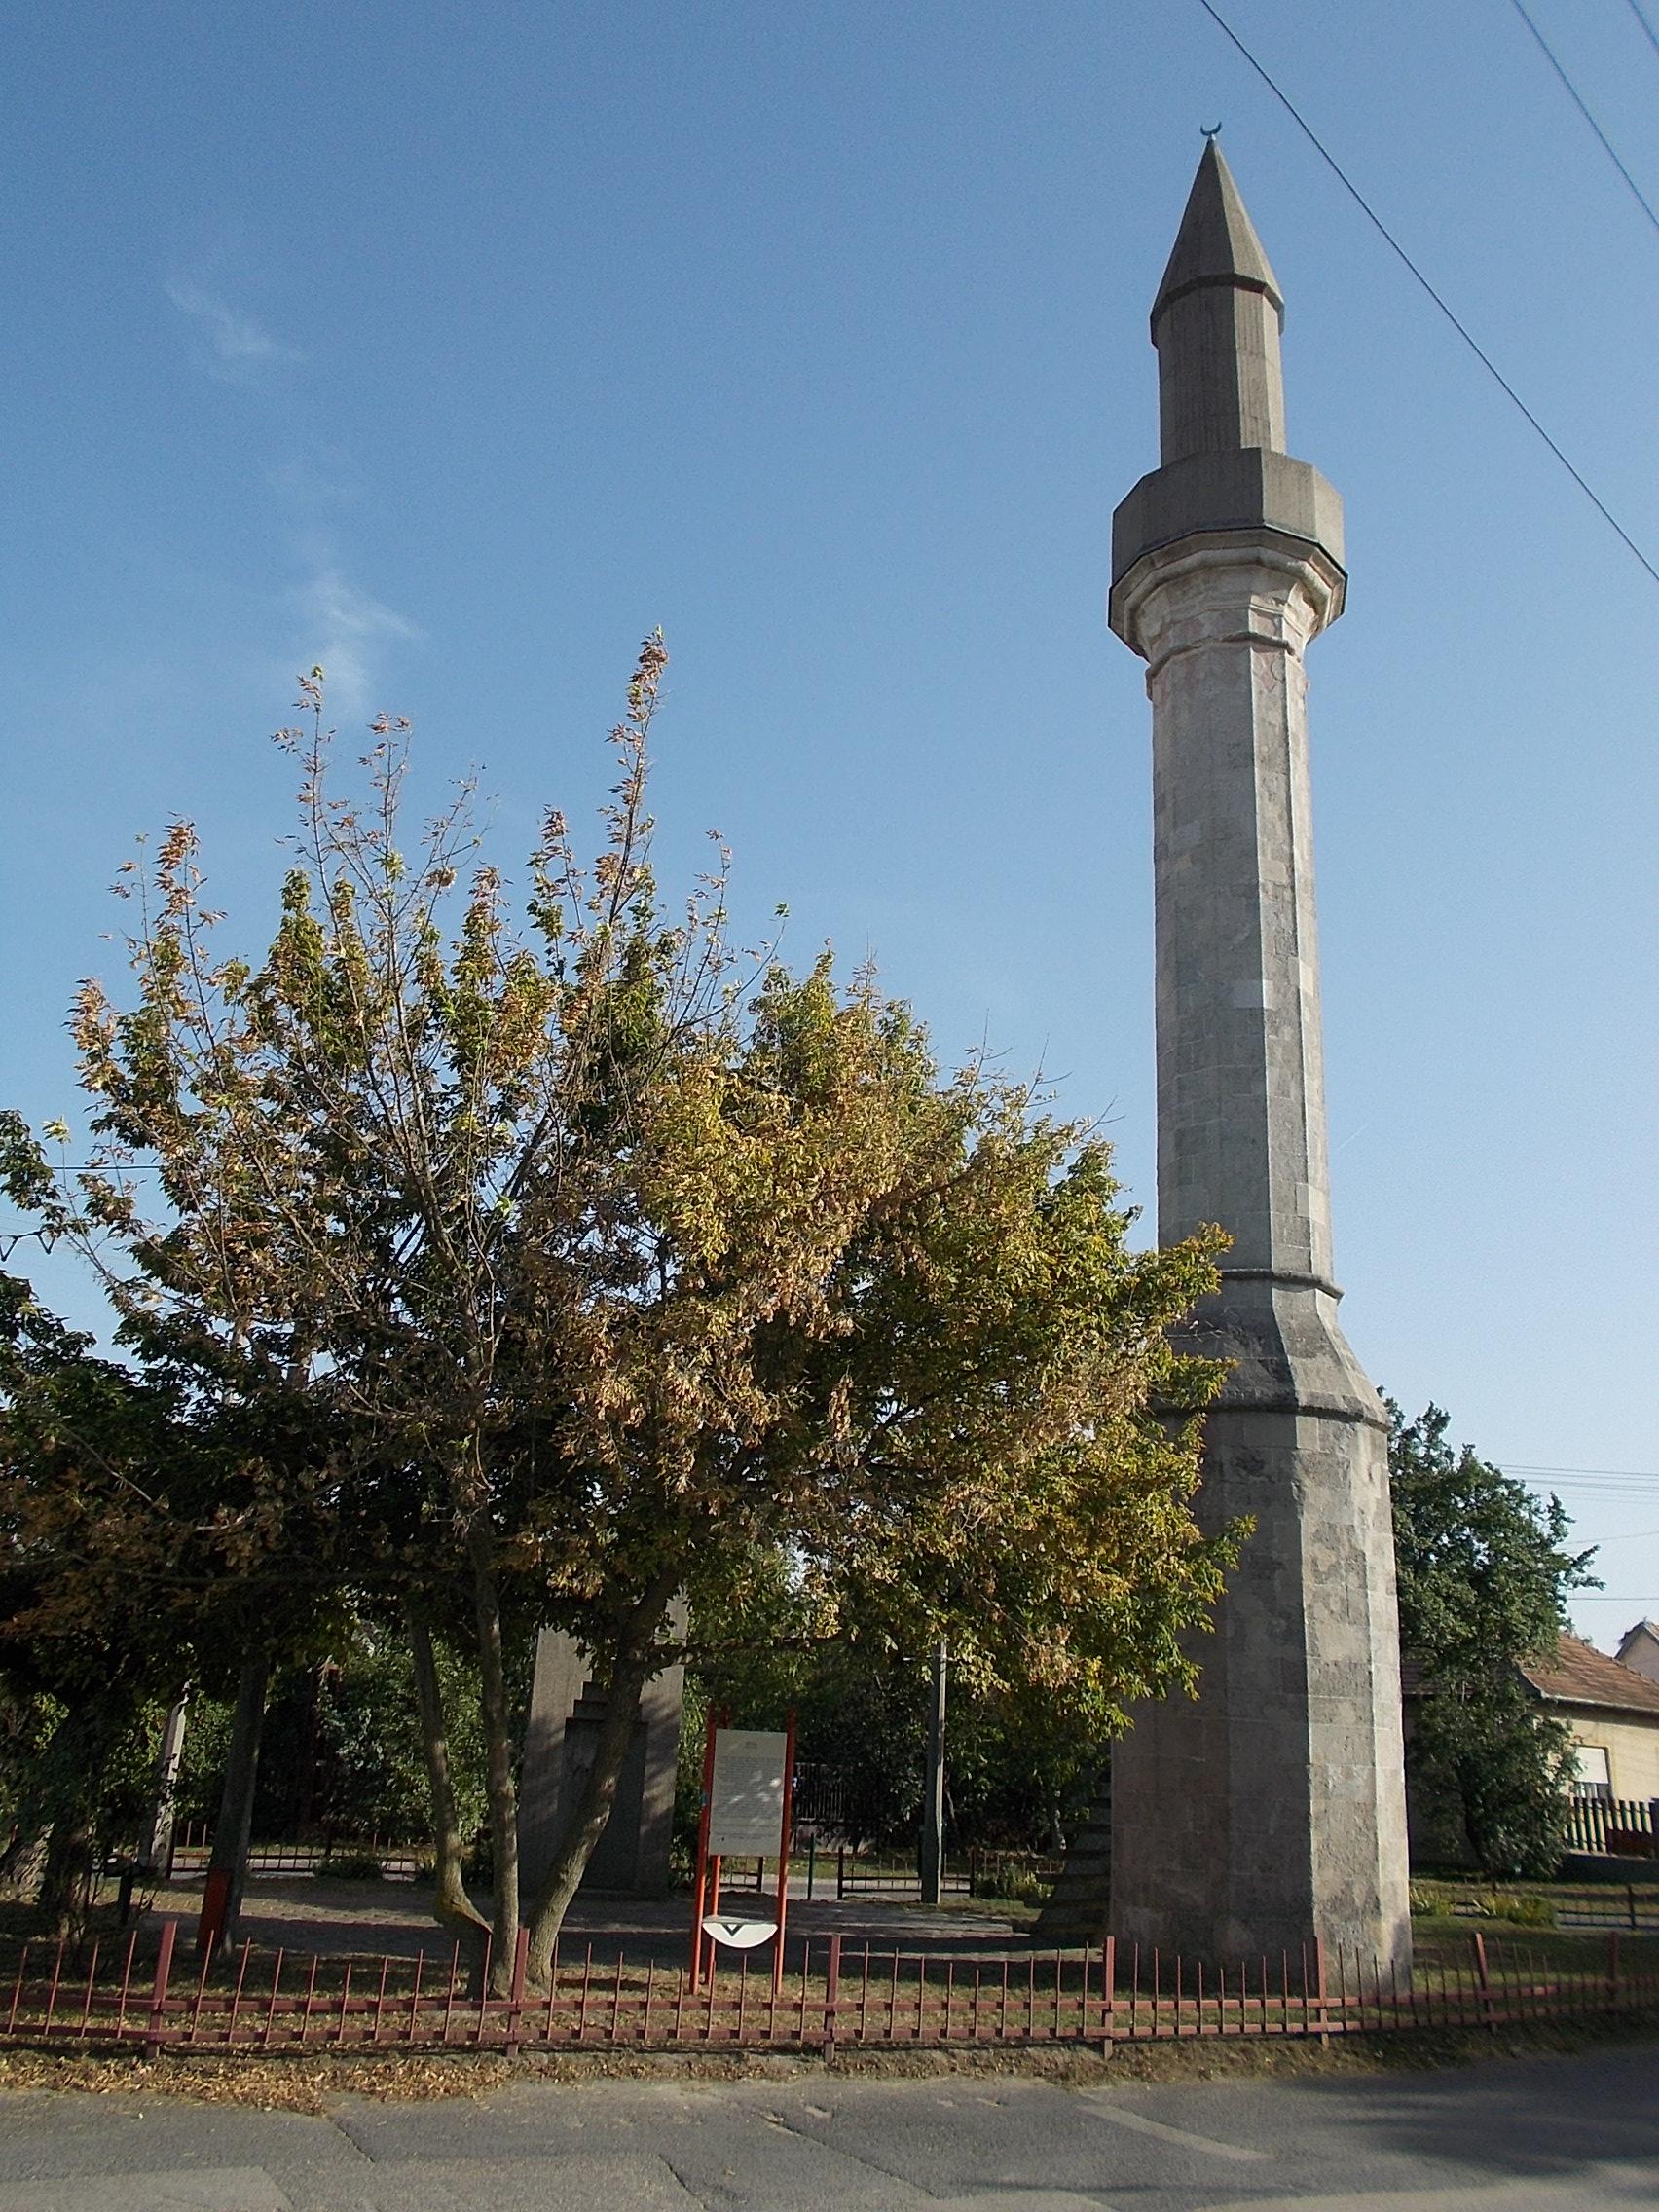 minaret_in_erd_nw_hungary.JPG